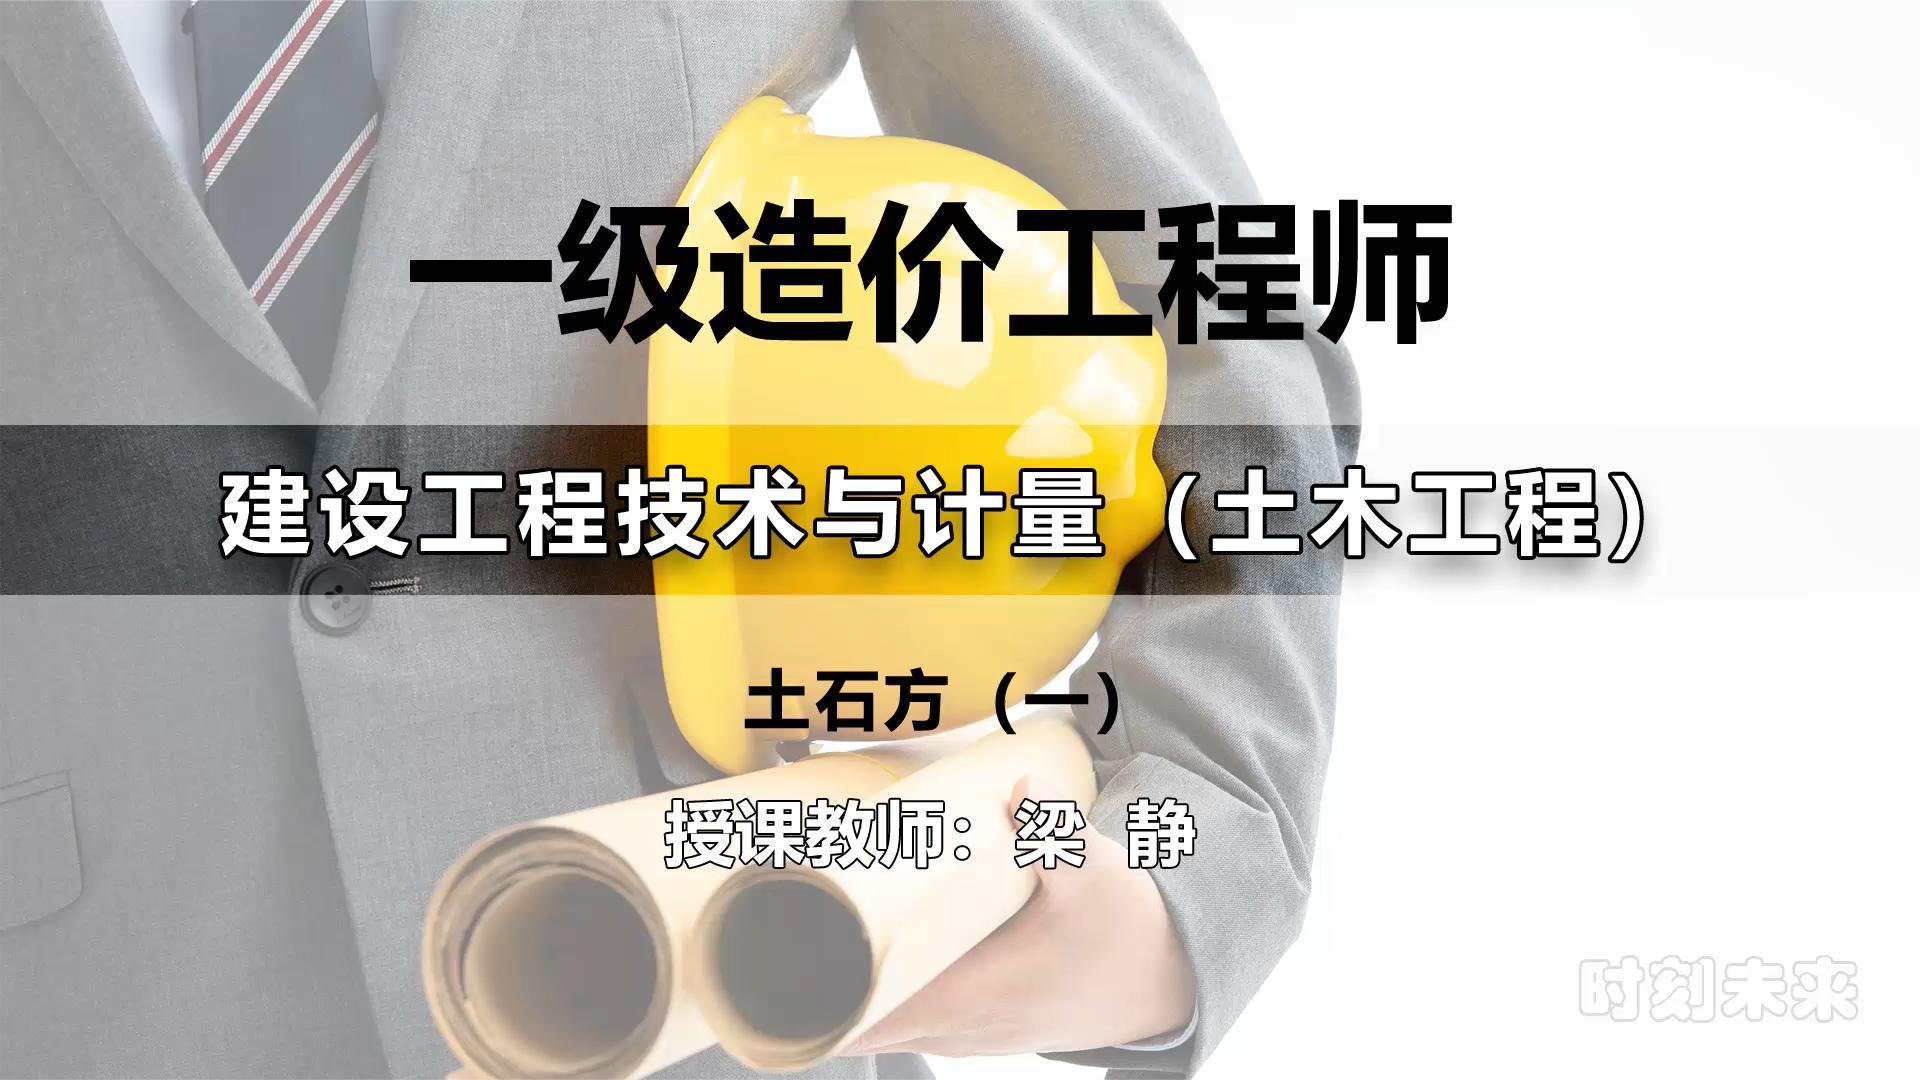 梁静-一级造价工程师-建设工程技术与计量(土木建筑工程)第三期